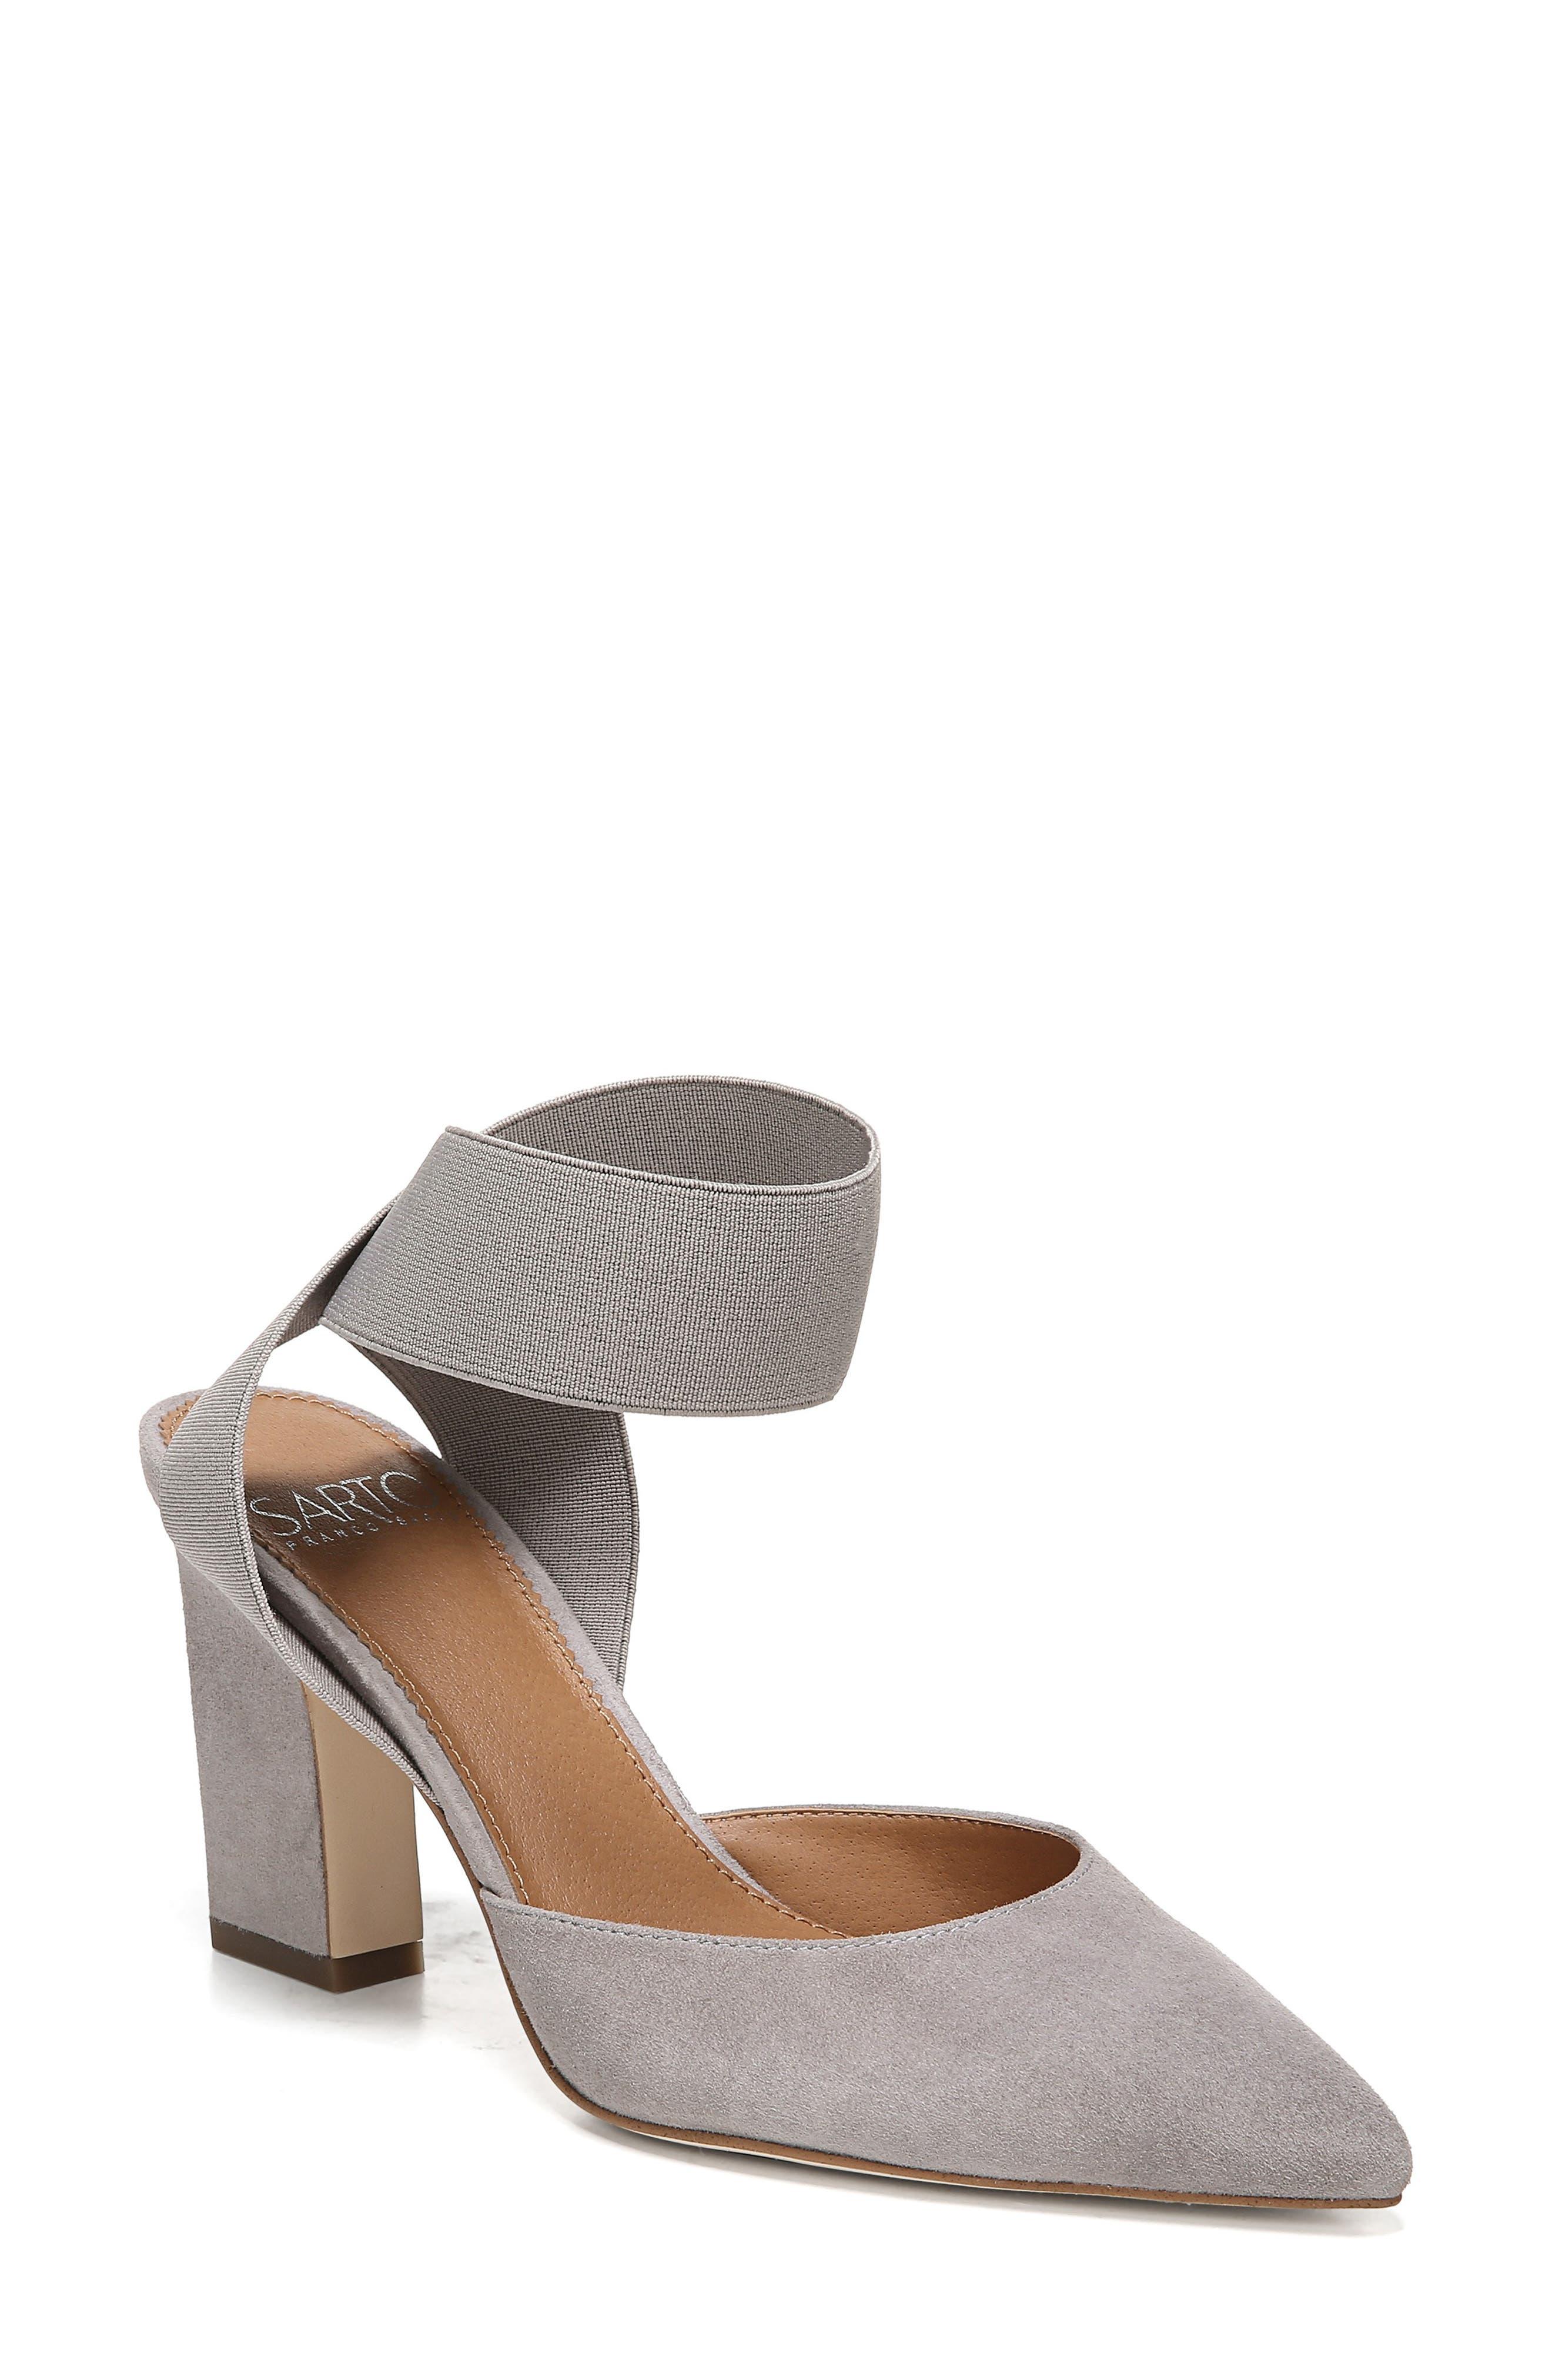 Sarto By Franco Sarto Stella Ankle Wrap Pump, Grey